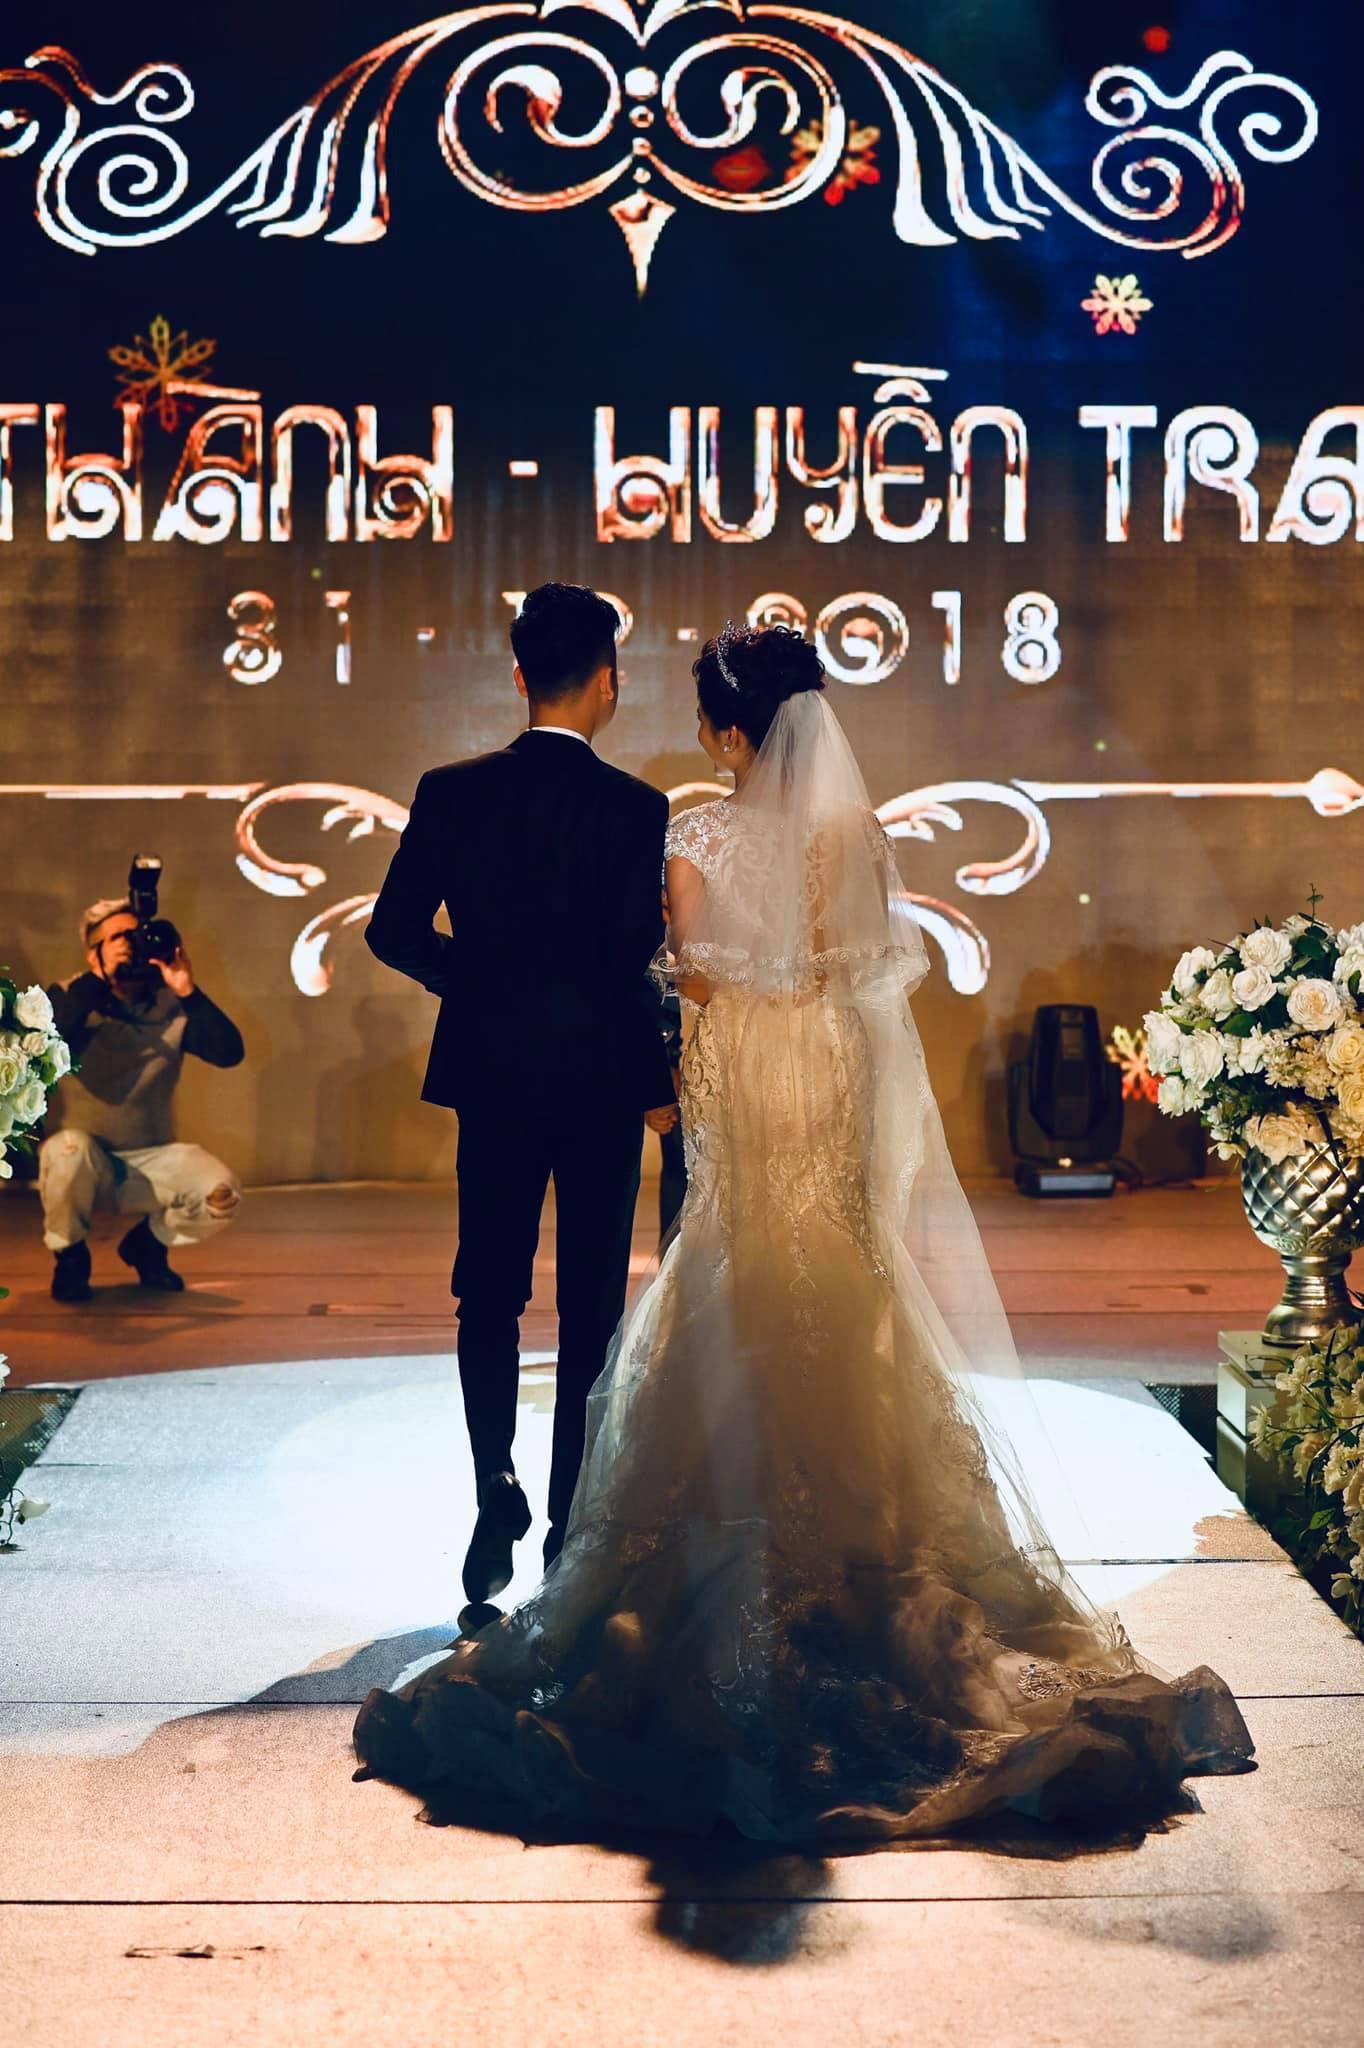 Huyền Trang Bất Hối chốt hạ năm 2018 bằng đám cưới cực viên mãn - Ảnh 4.